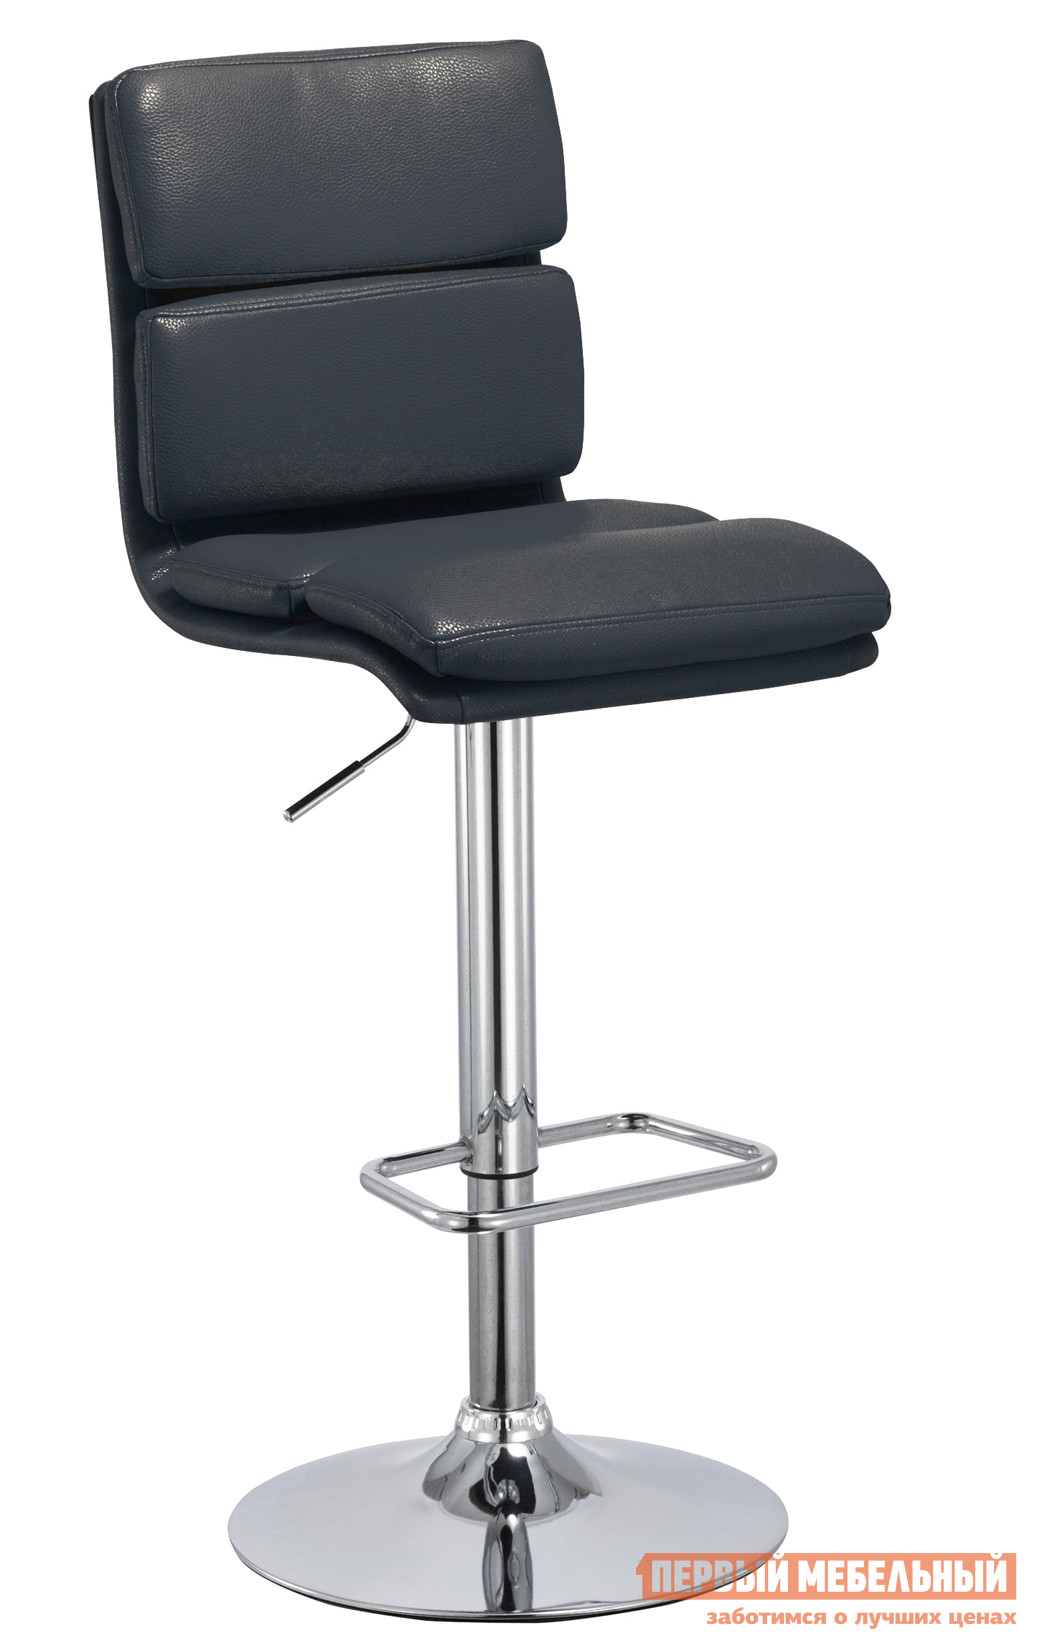 Барный стул Stool Group Abba барный стул stool group abba